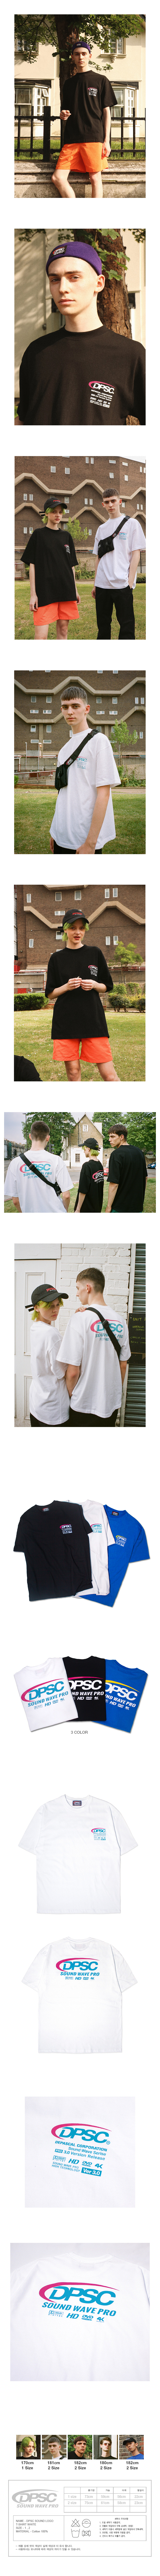 DPSC 사운드 로고 티셔츠 화이트_2.jpg